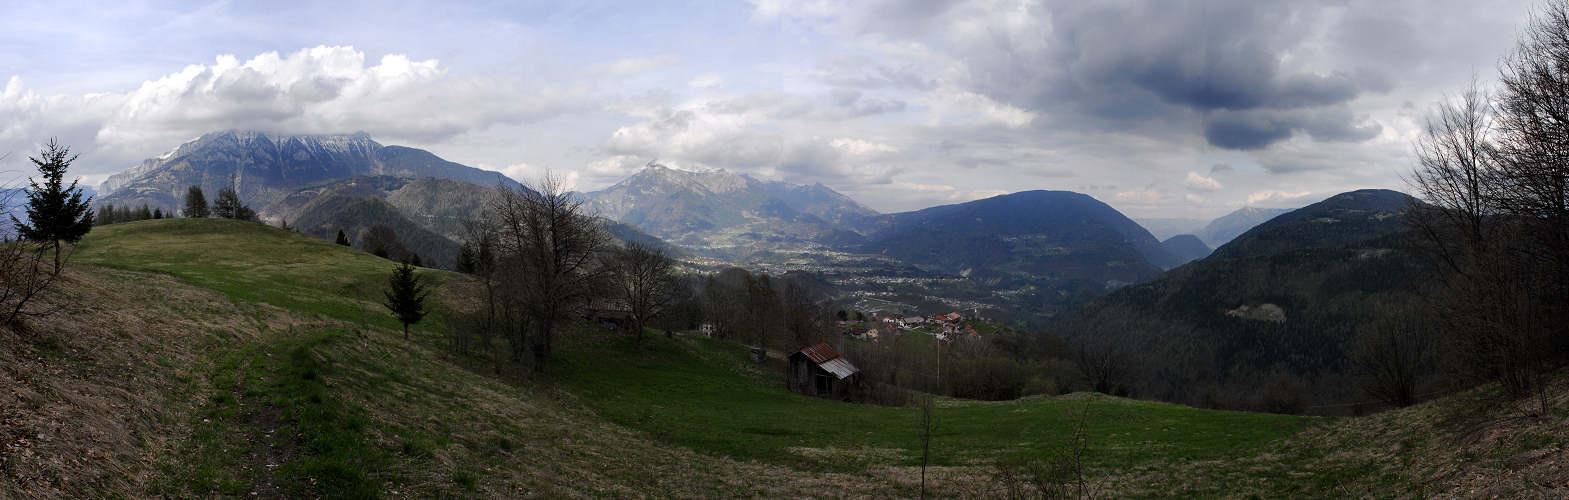 Toffoli Arina Di Lamon Monte Coppolo Vette Feltrine Fotografia Panoramica